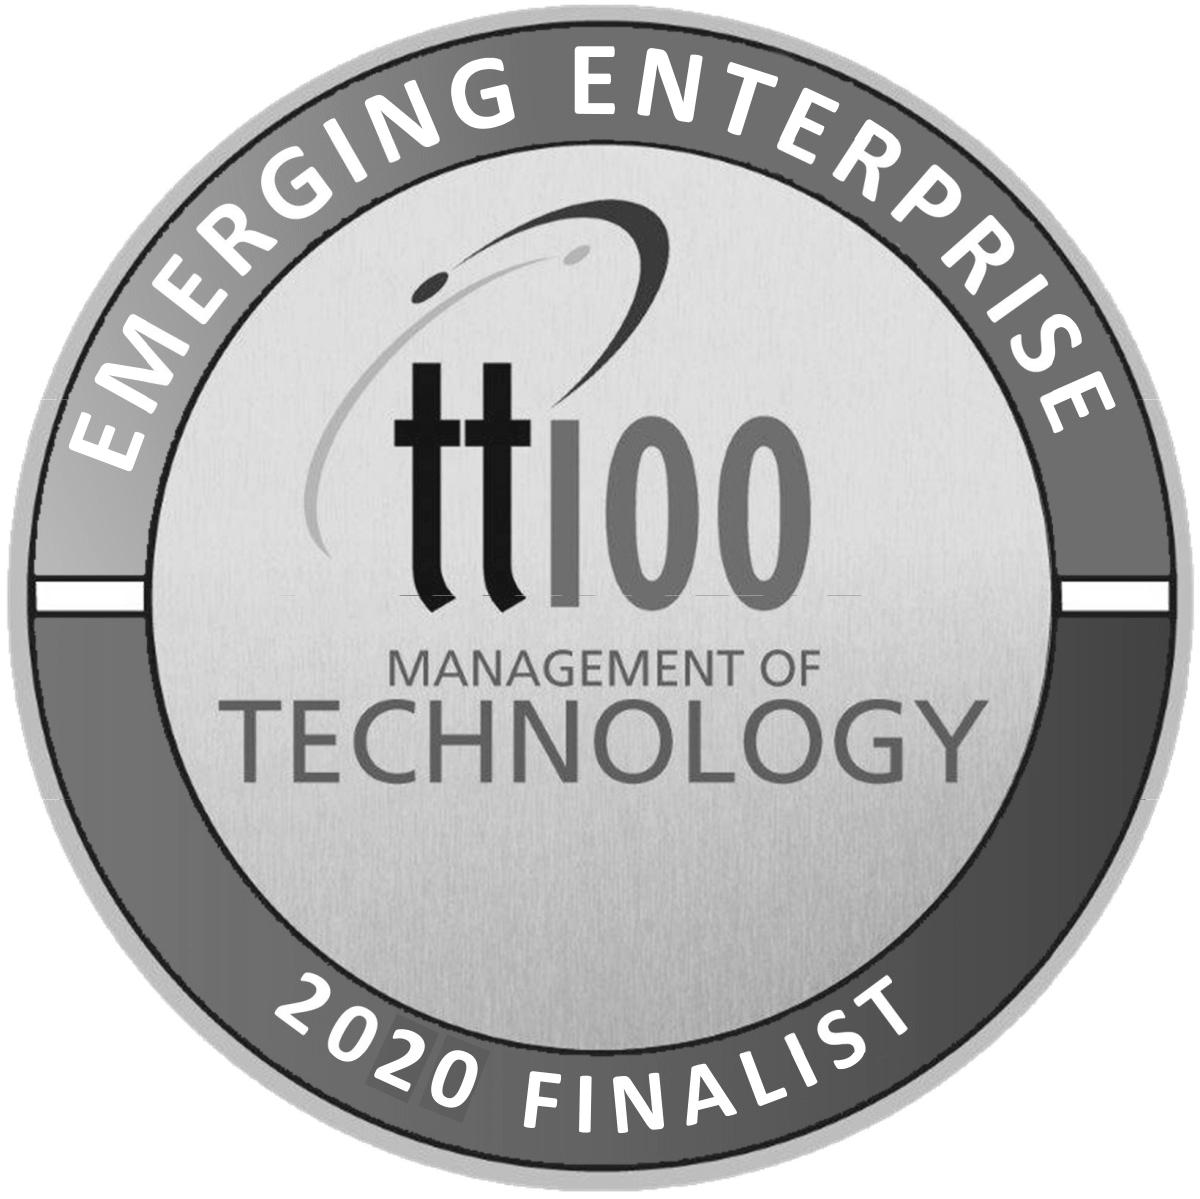 tt100-seal-management-of-technology-2020-finalist